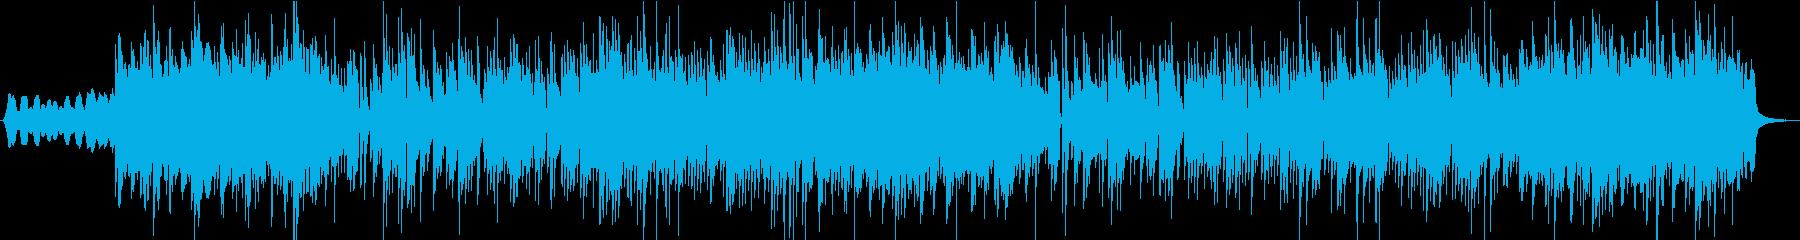 牧歌的な雰囲気のインストの再生済みの波形